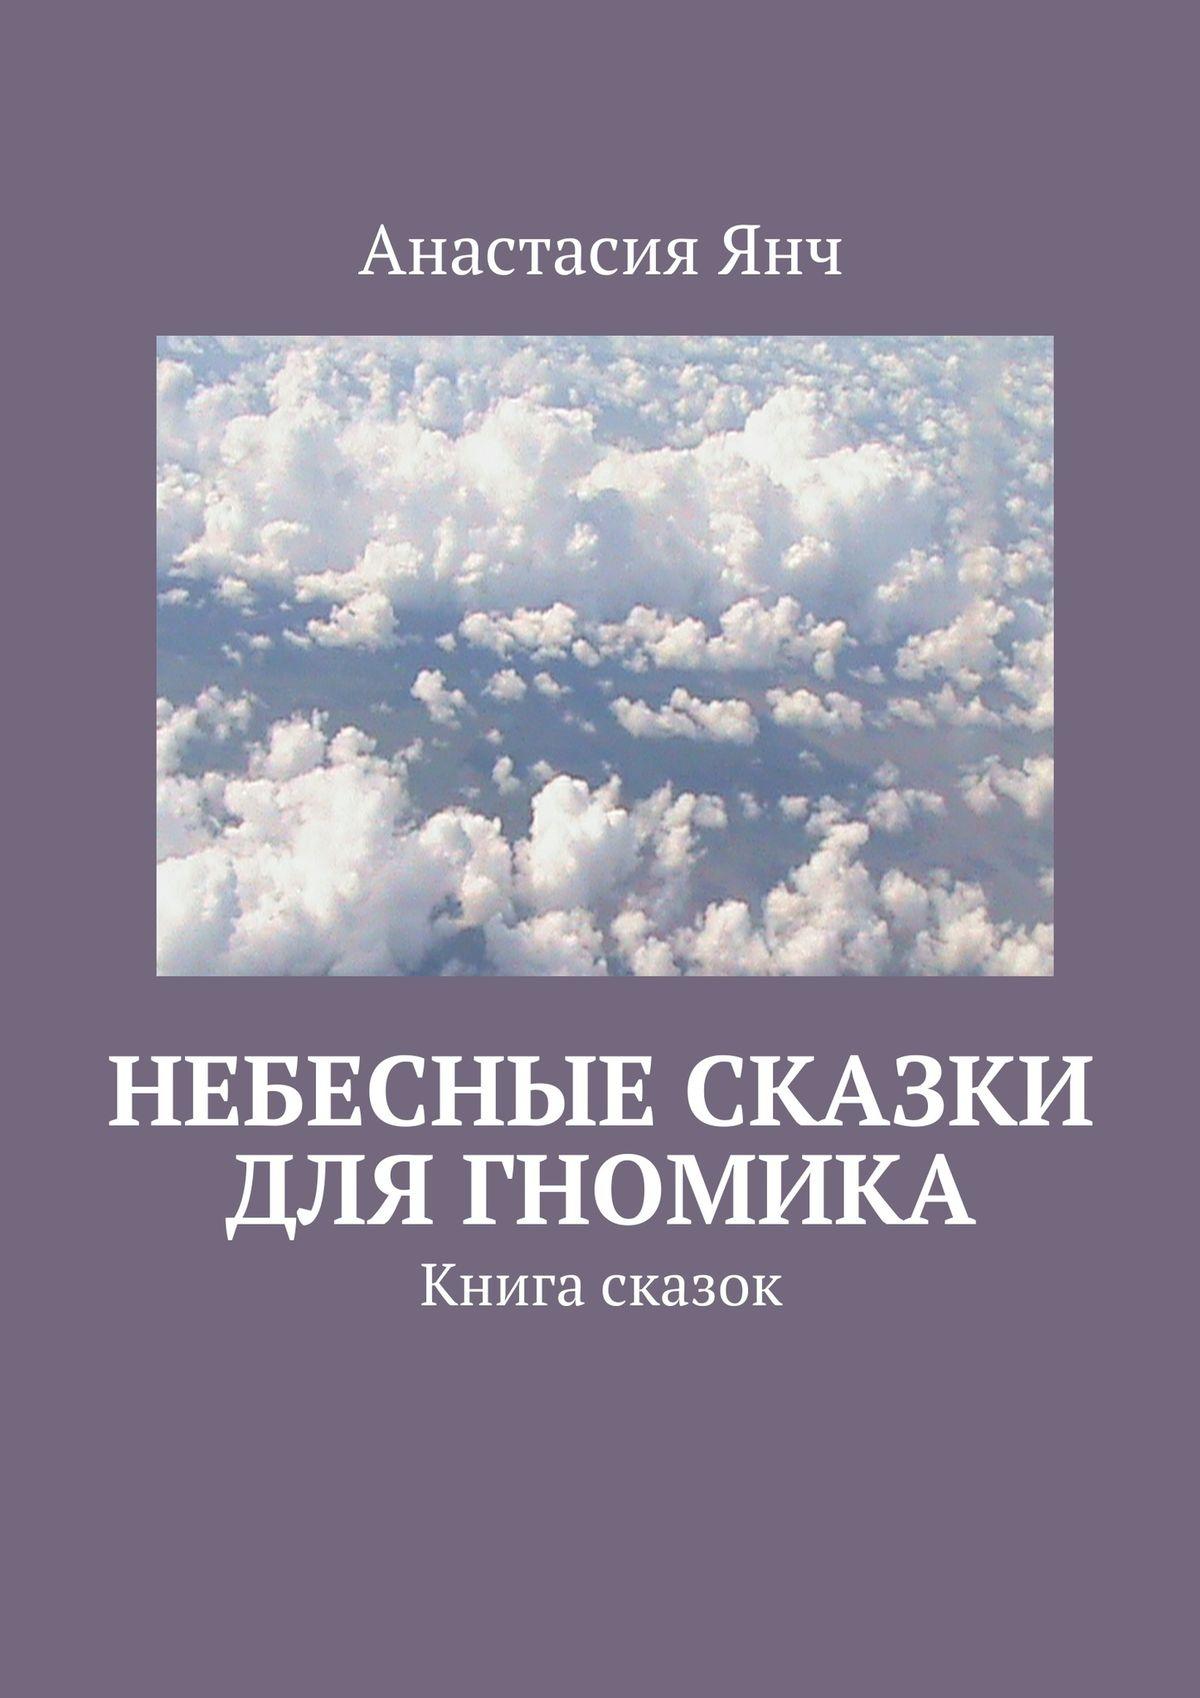 Анастасия Прановна Янч Небесные сказки для гномика. Книга сказок мерников а г самое известное оружие мира